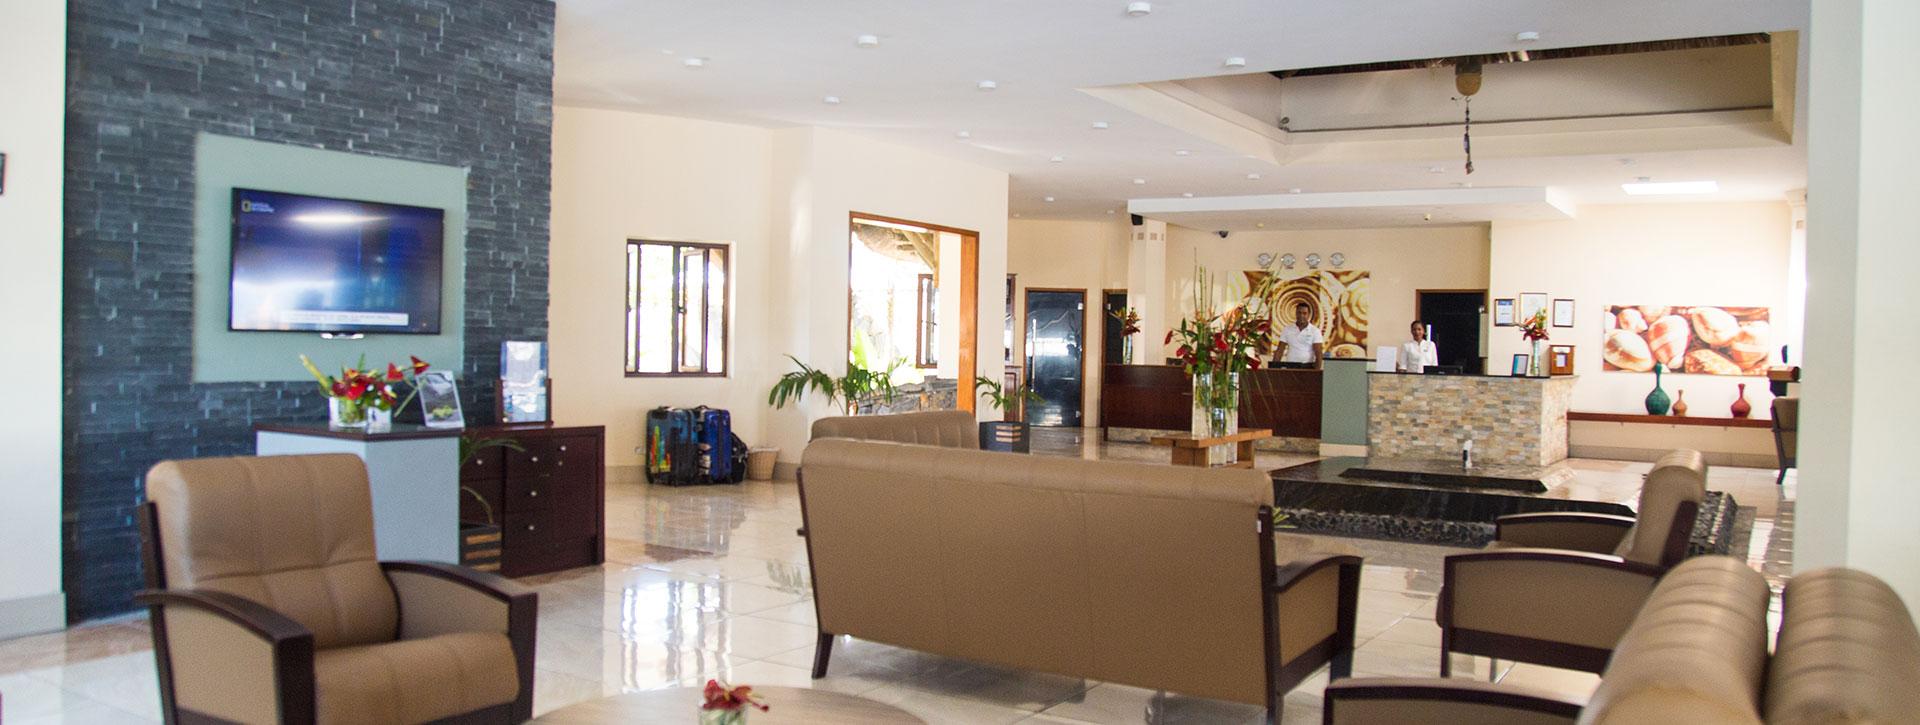 Pearle Beach Resort & Spa Lobby Mauritius